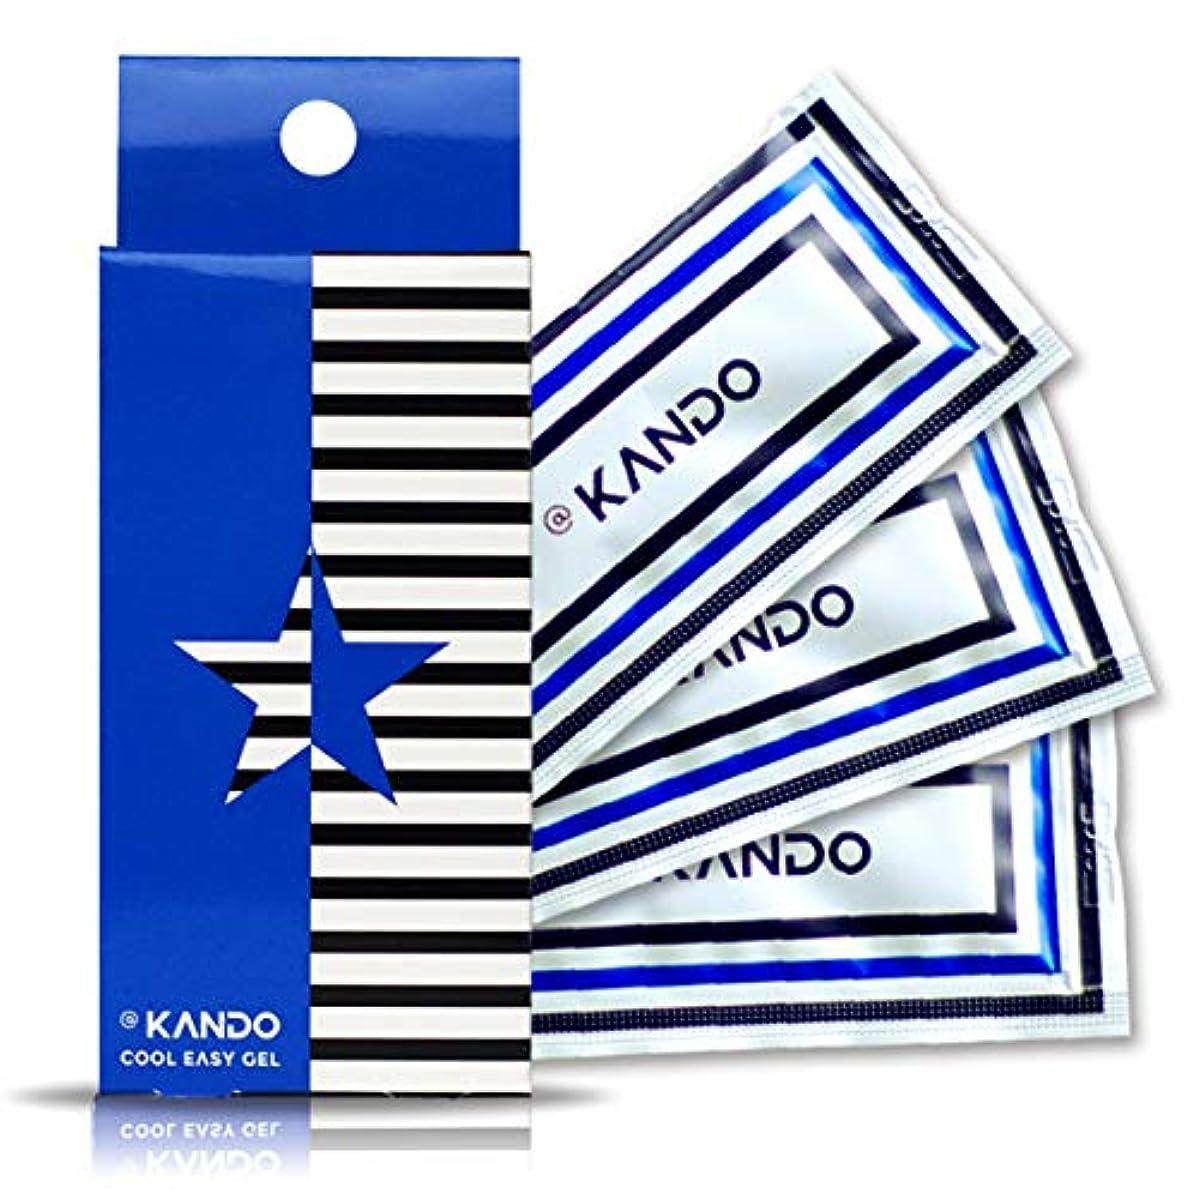 奨励に渡ってジャンピングジャック@KANDO アットカンドクールイージージェル(ボディマッサージジェル)5g×3包入 冷感タイプ